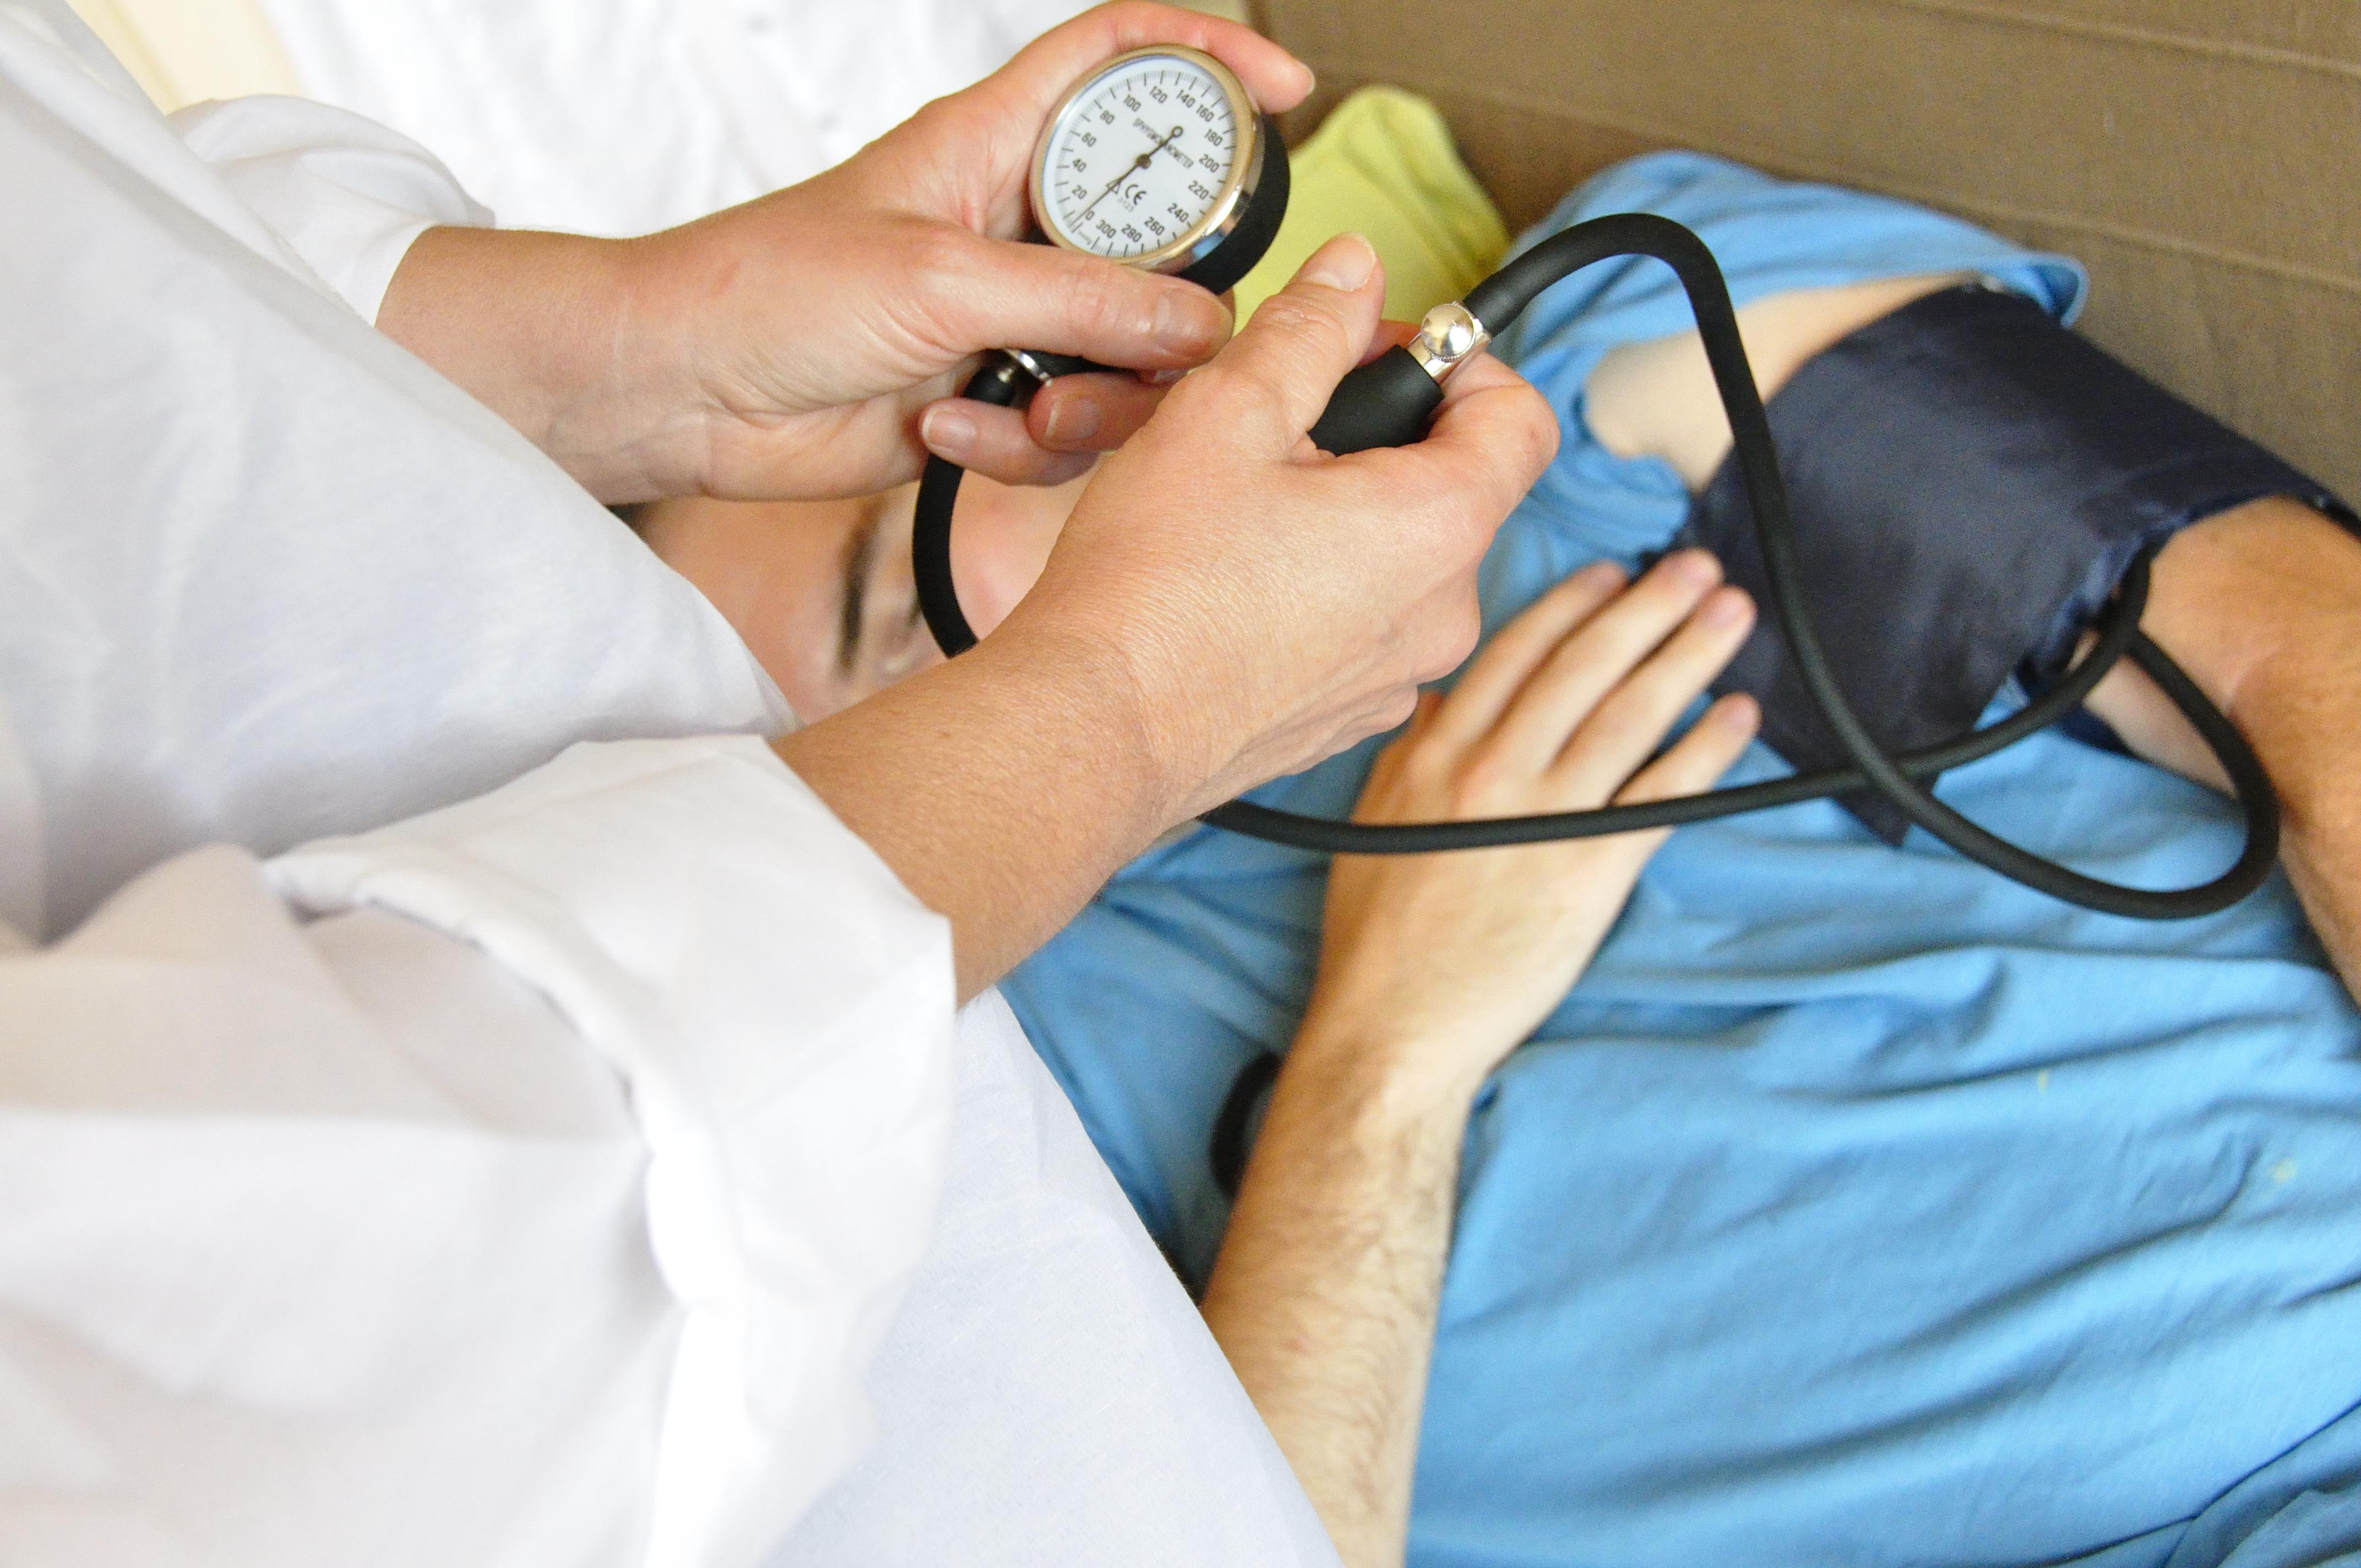 La pression diastolique ou tension artérielle mesurée lors de la phase de relâchement du cœur apparaît corrélée avec la fatigue dans la maladie de Parkinson